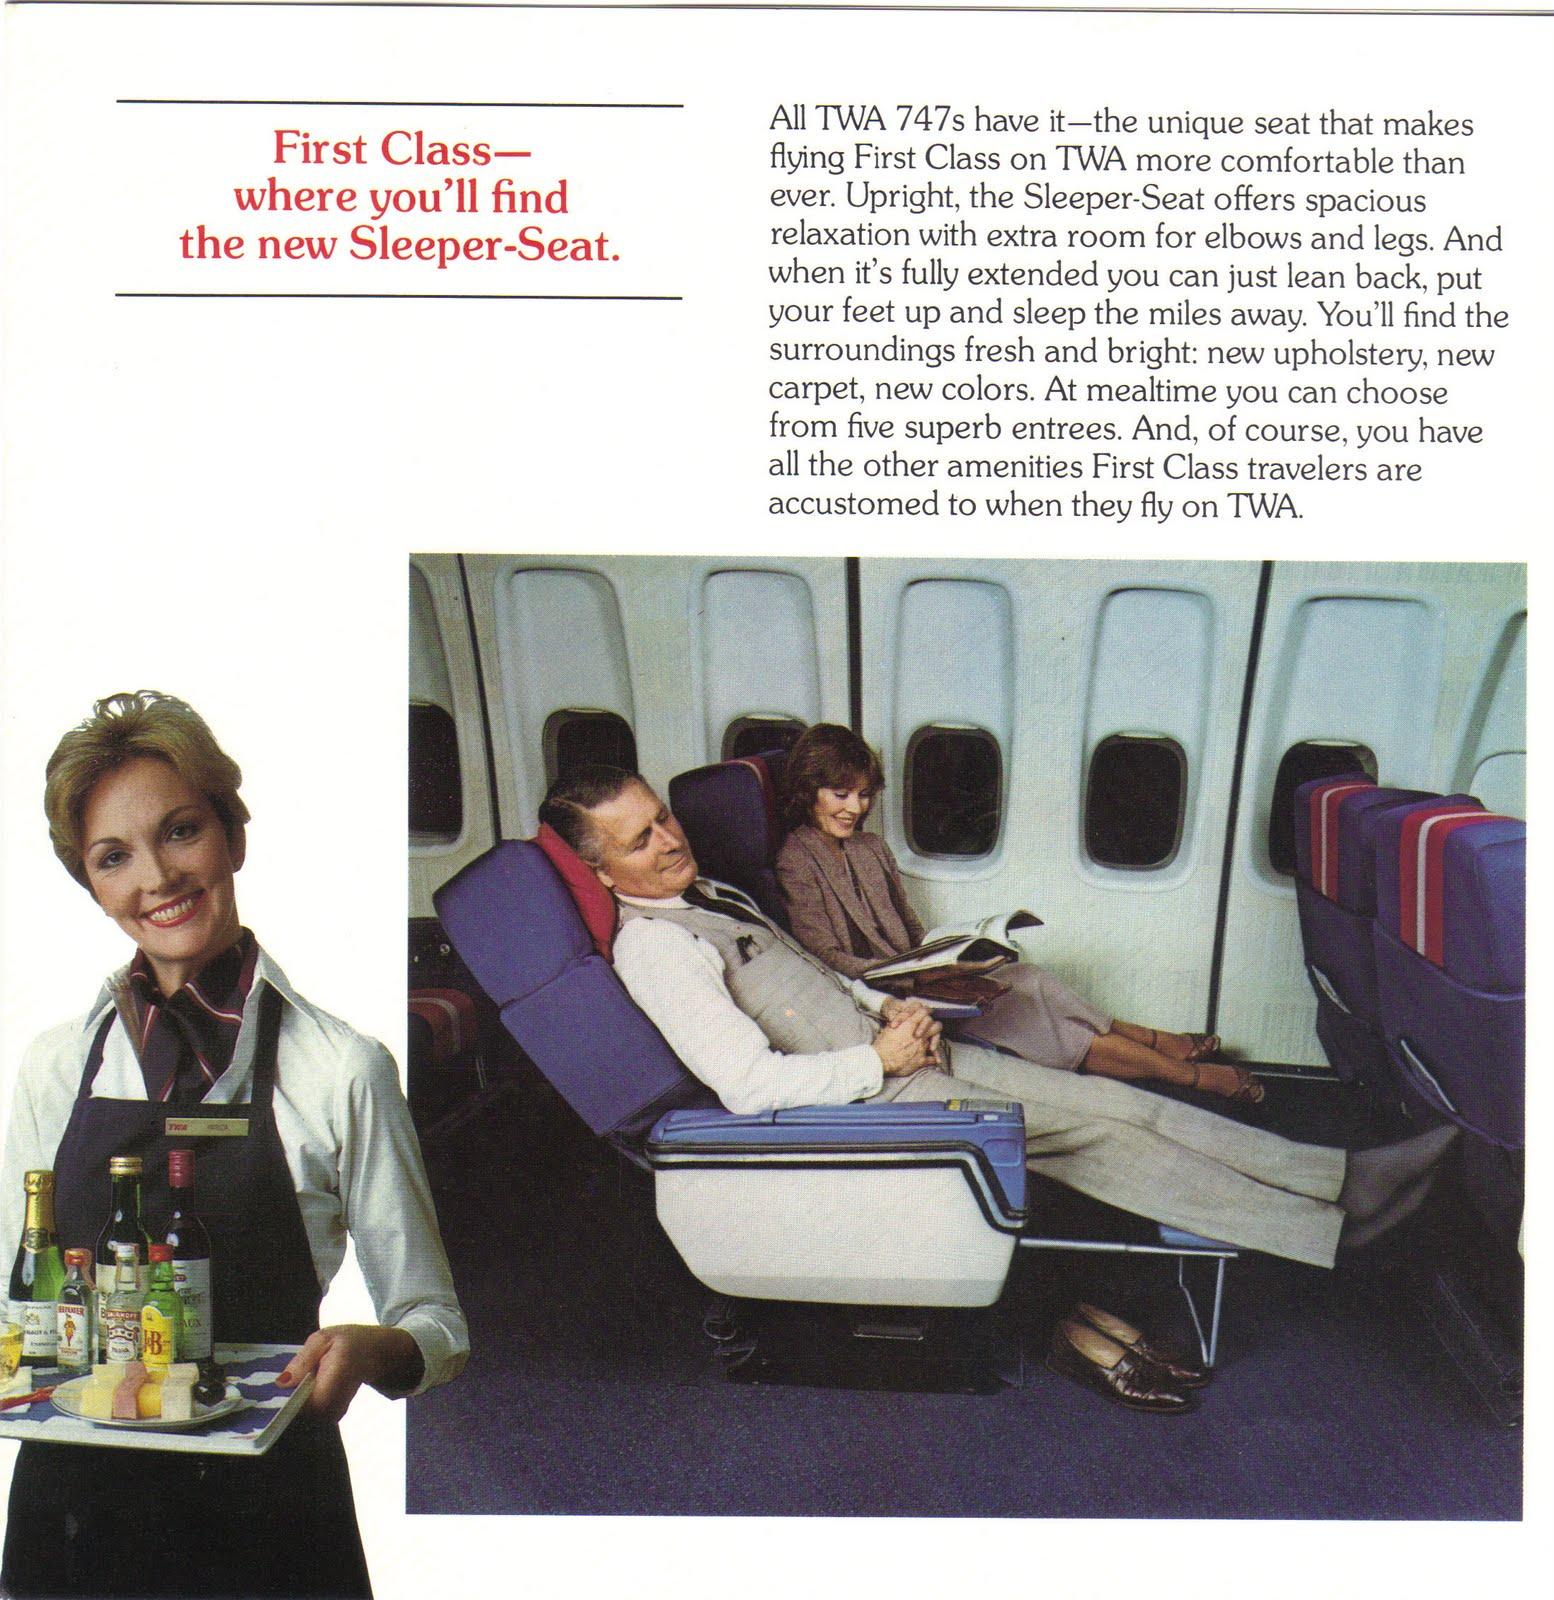 First Class Services First In Class: Airlines Past & Present: TWA Ambassador Class, First Class